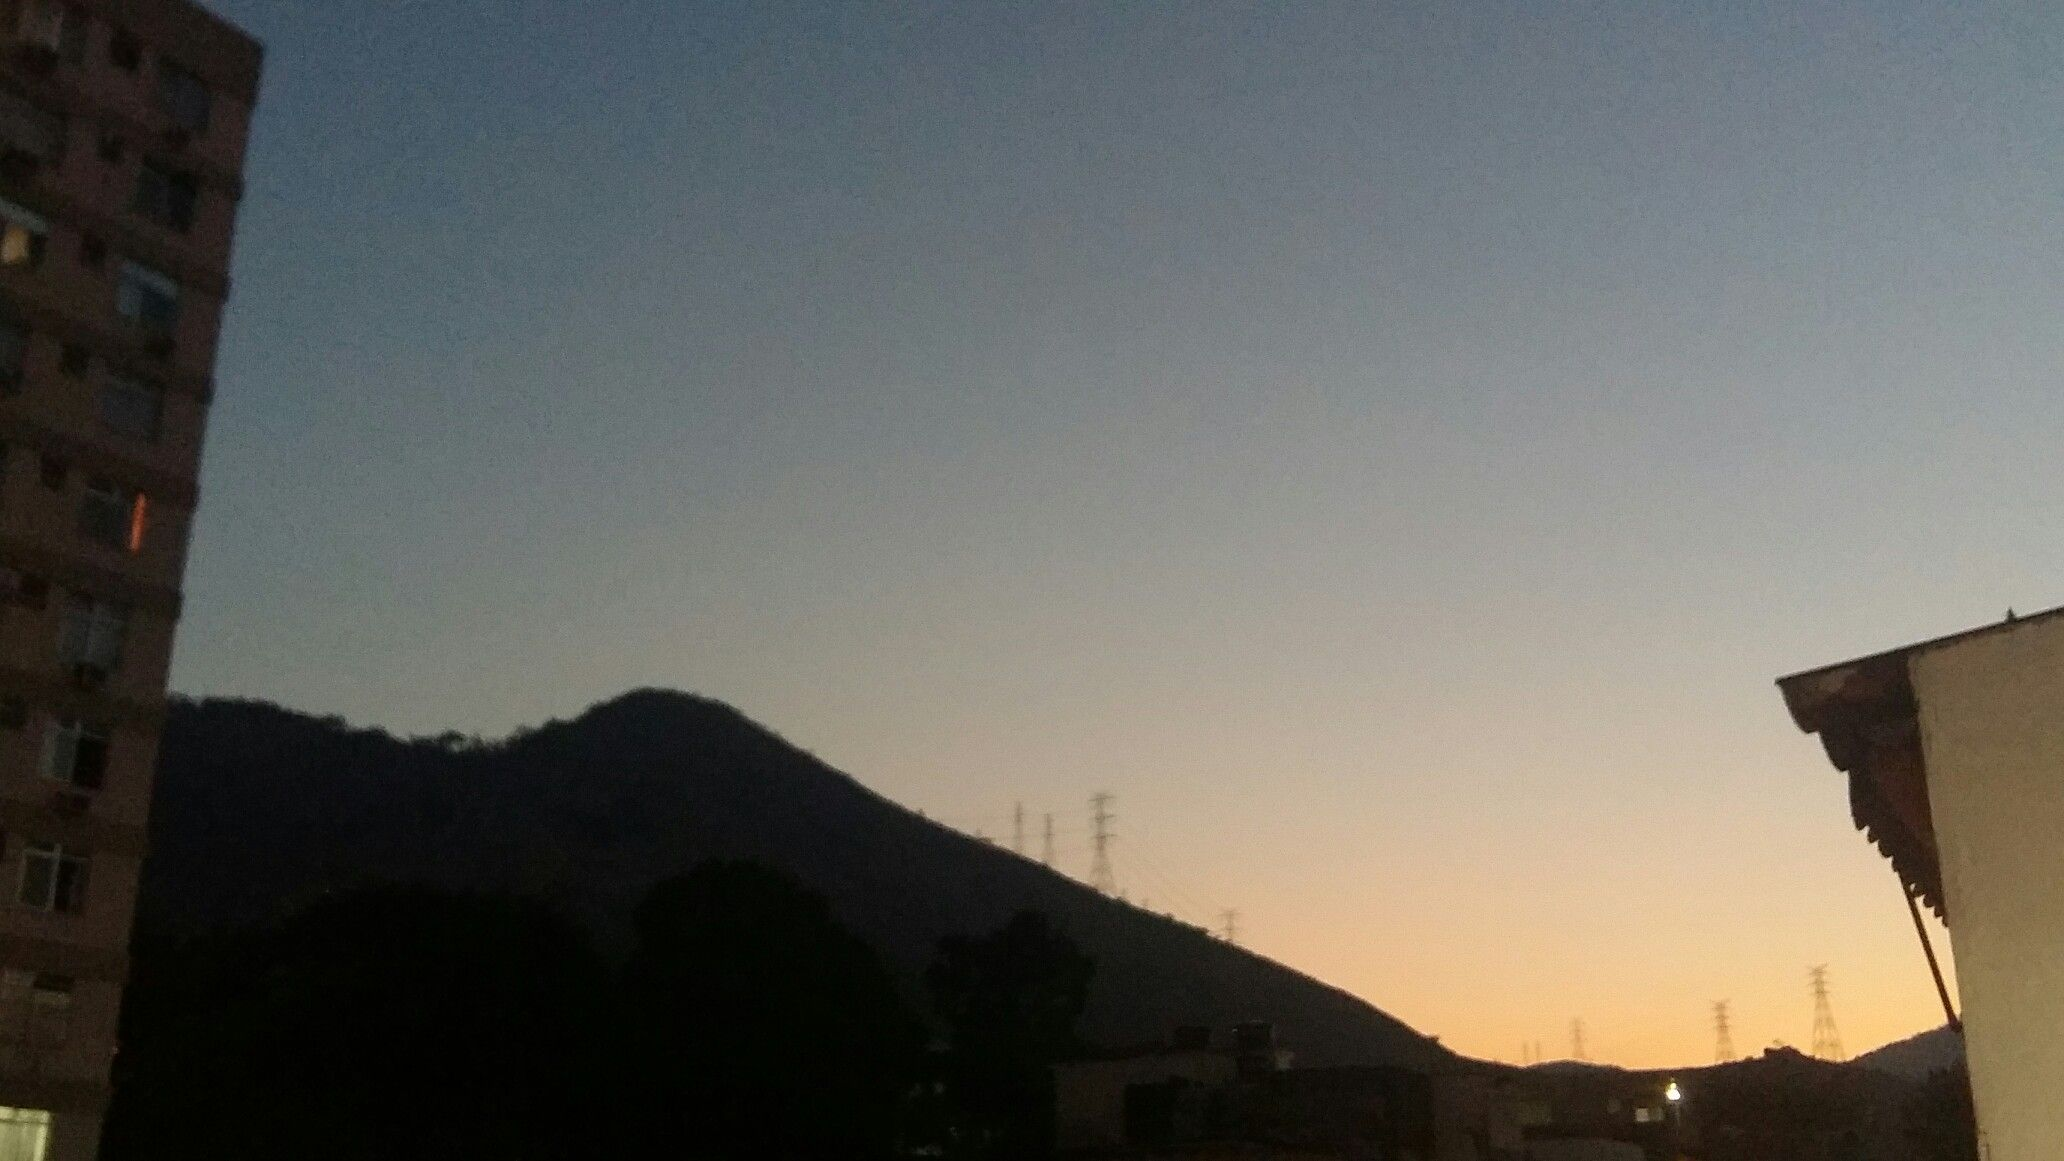 Se as montanhas fossem nuas...